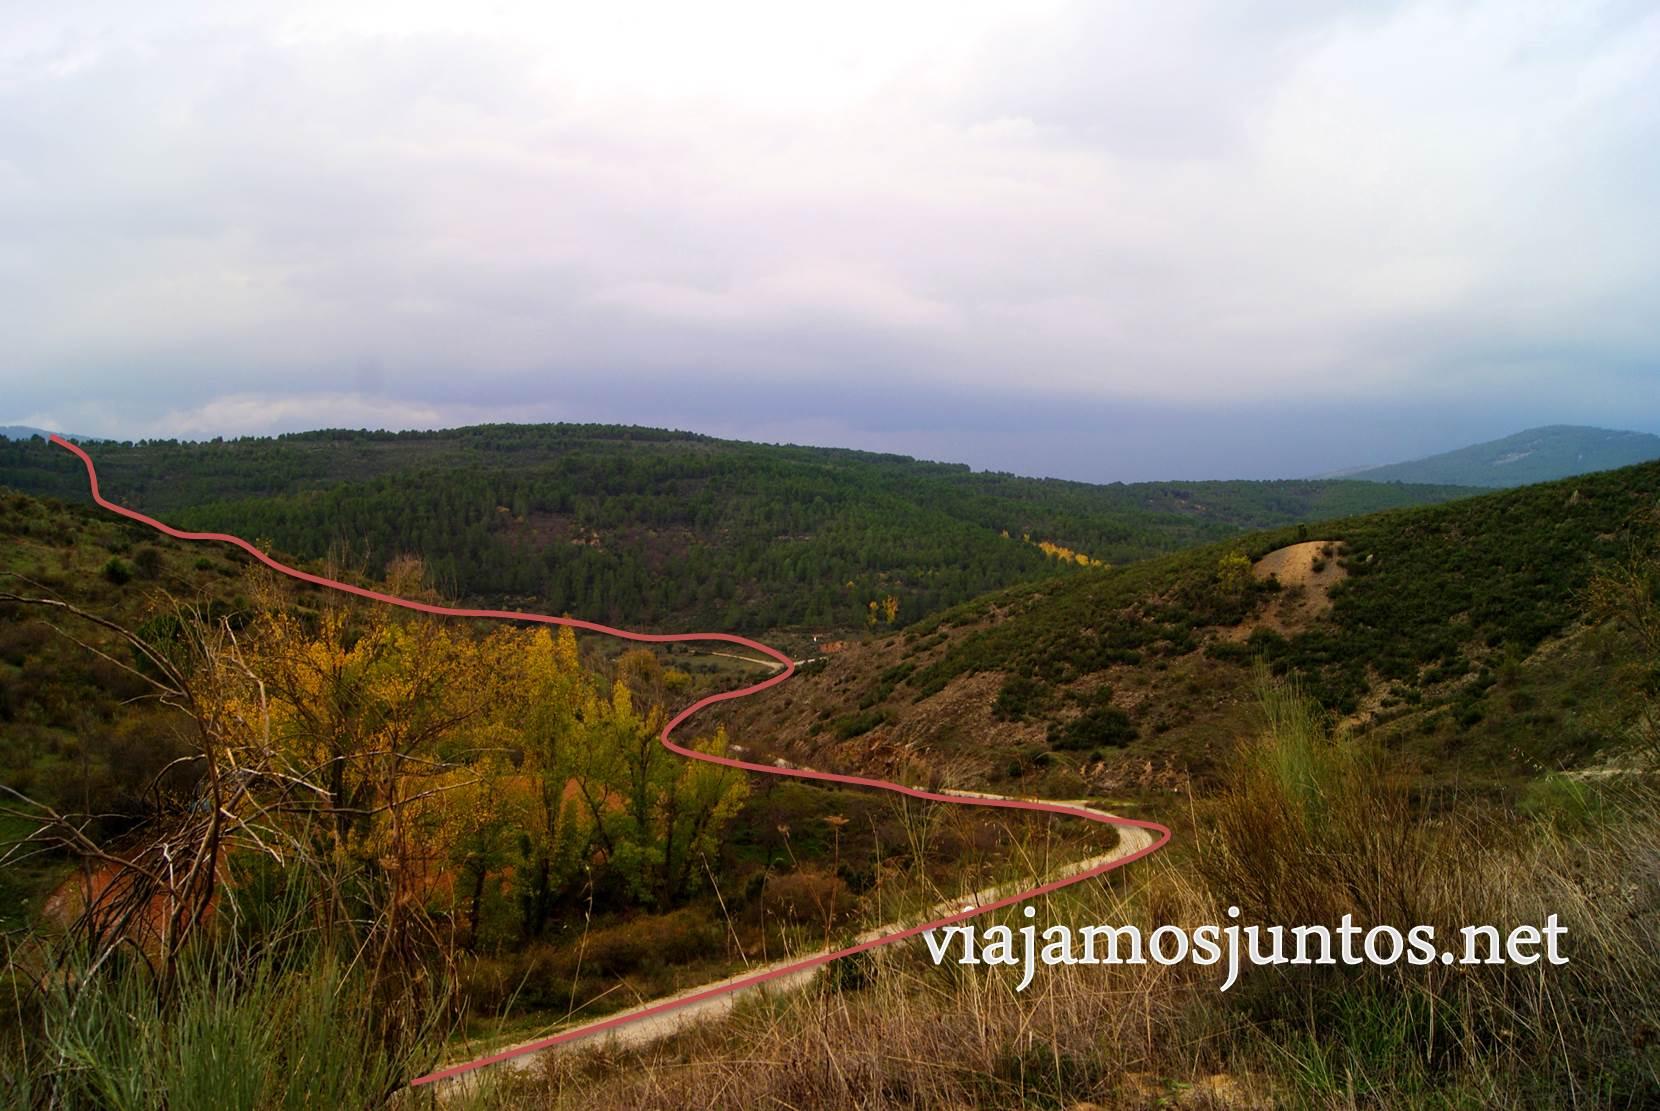 Ruta a las Cárcavas, Patones, Madrid; senderismo por sitios singulares de la Comunidad de Madrid; dirección